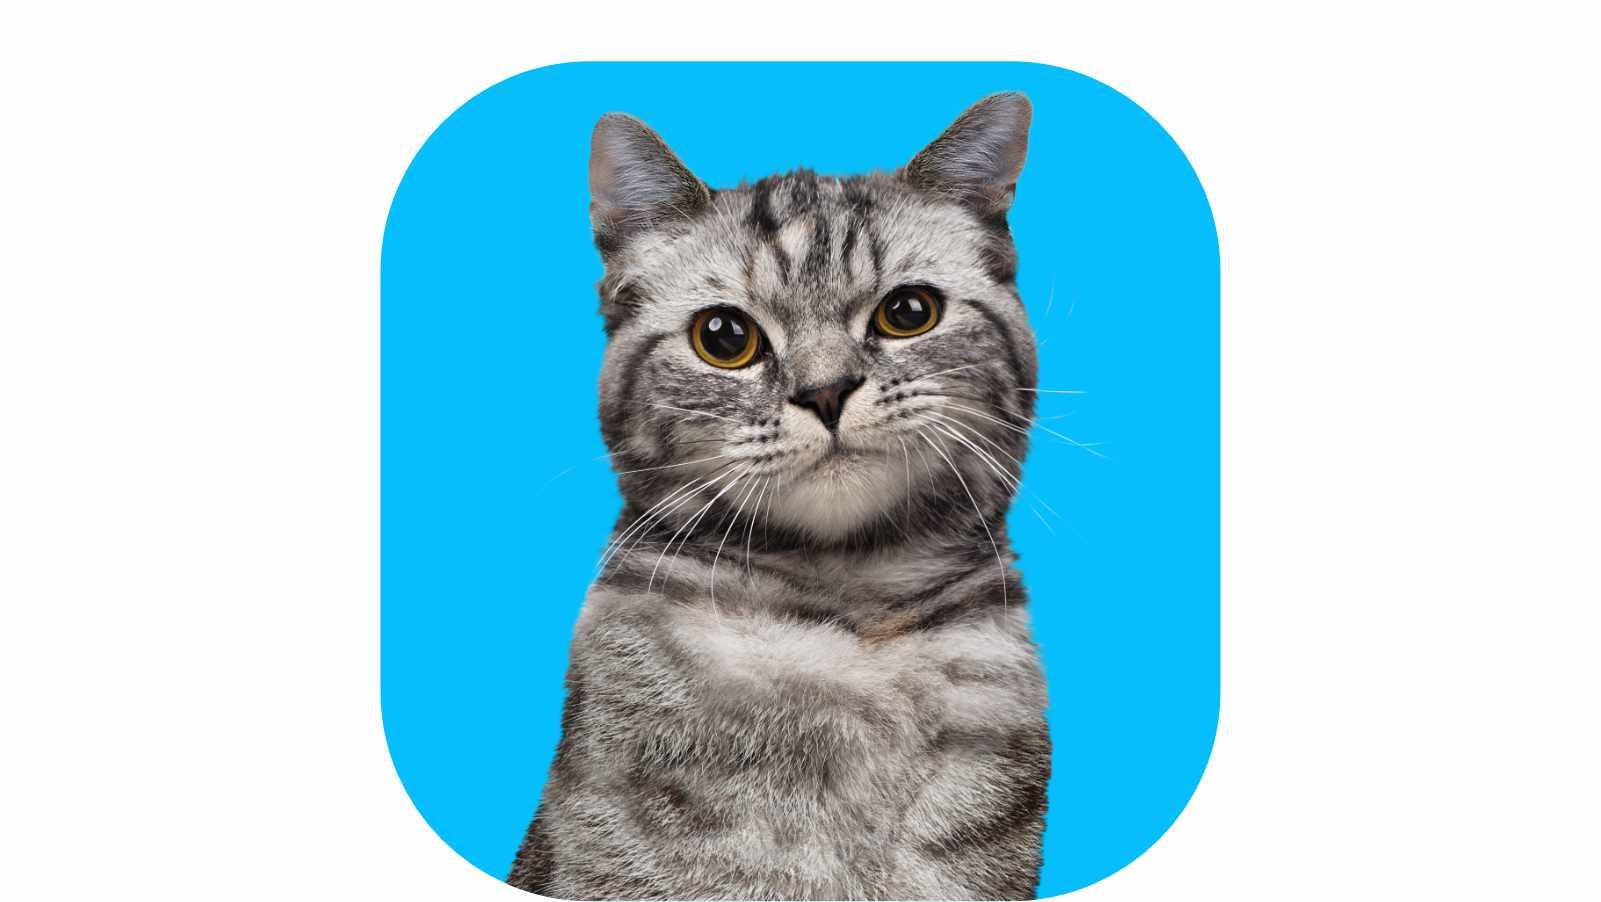 Katt som holder en FINN-annonse